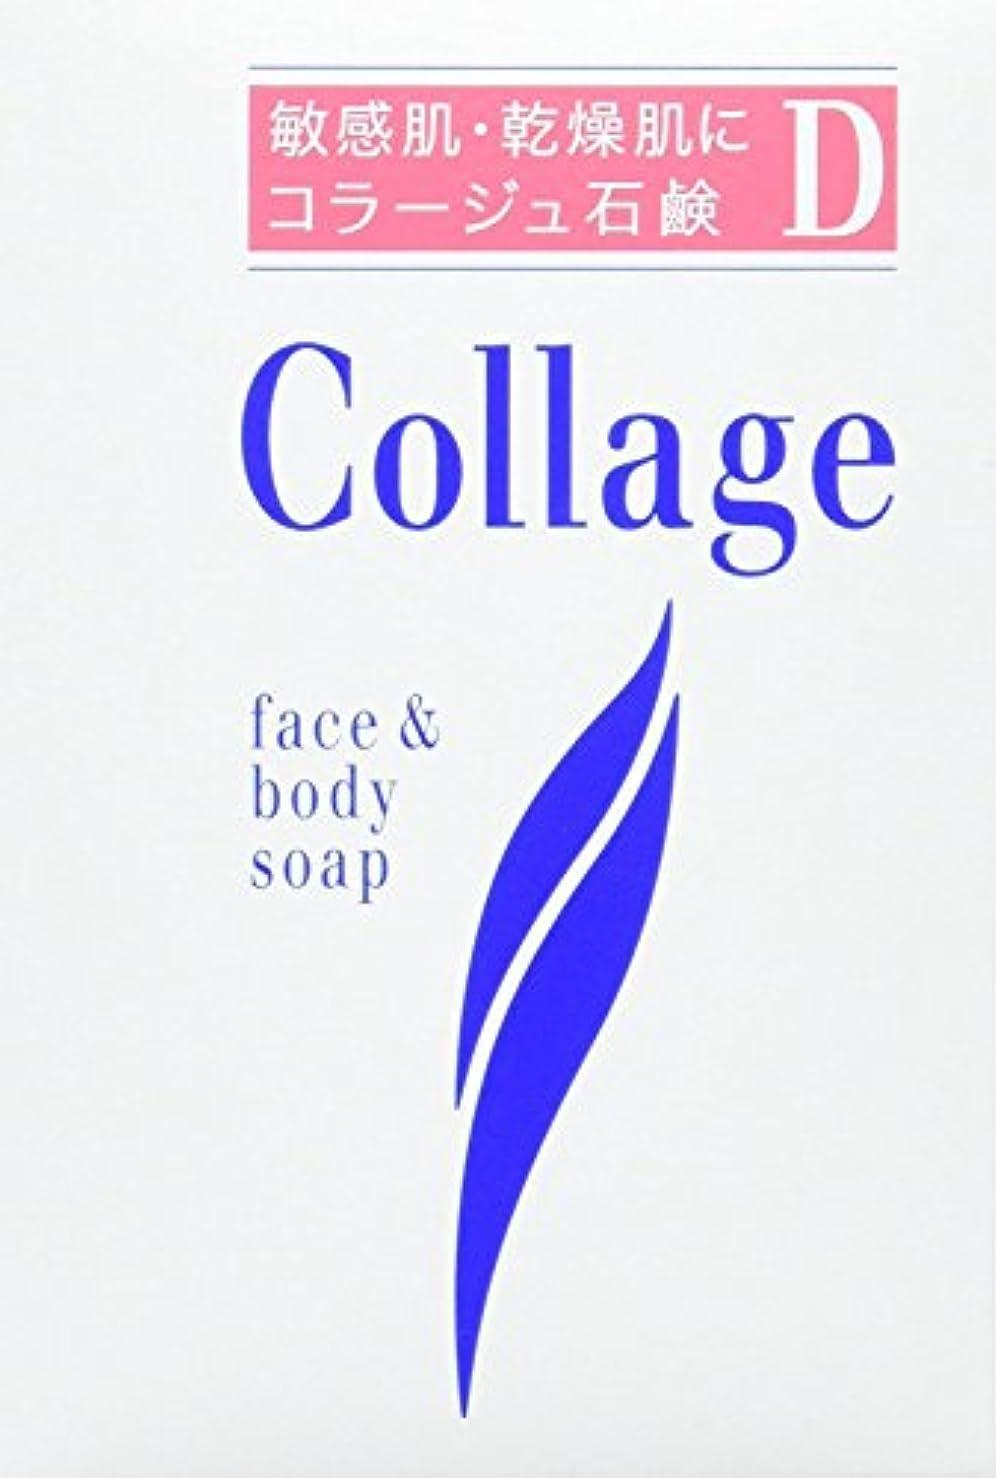 遺伝子特異な誓いコラージュ D乾性肌用石鹸 100g×6個